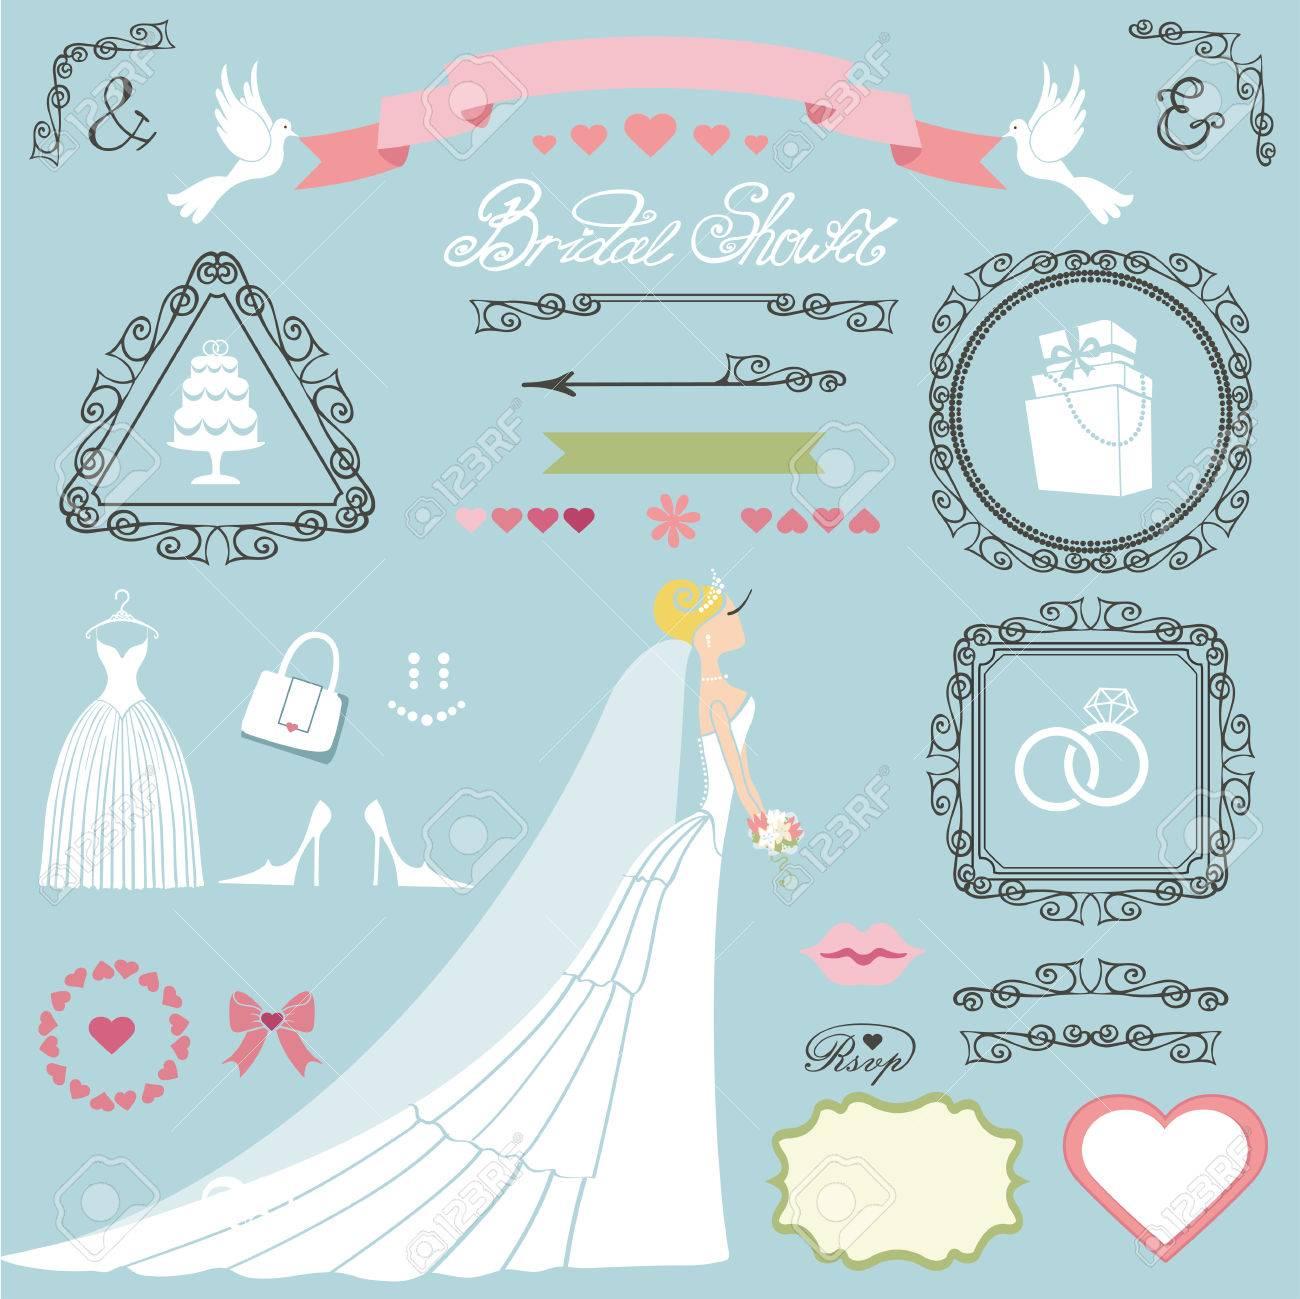 wedding bridal shower decor setbride in long dressswrling bordersframes